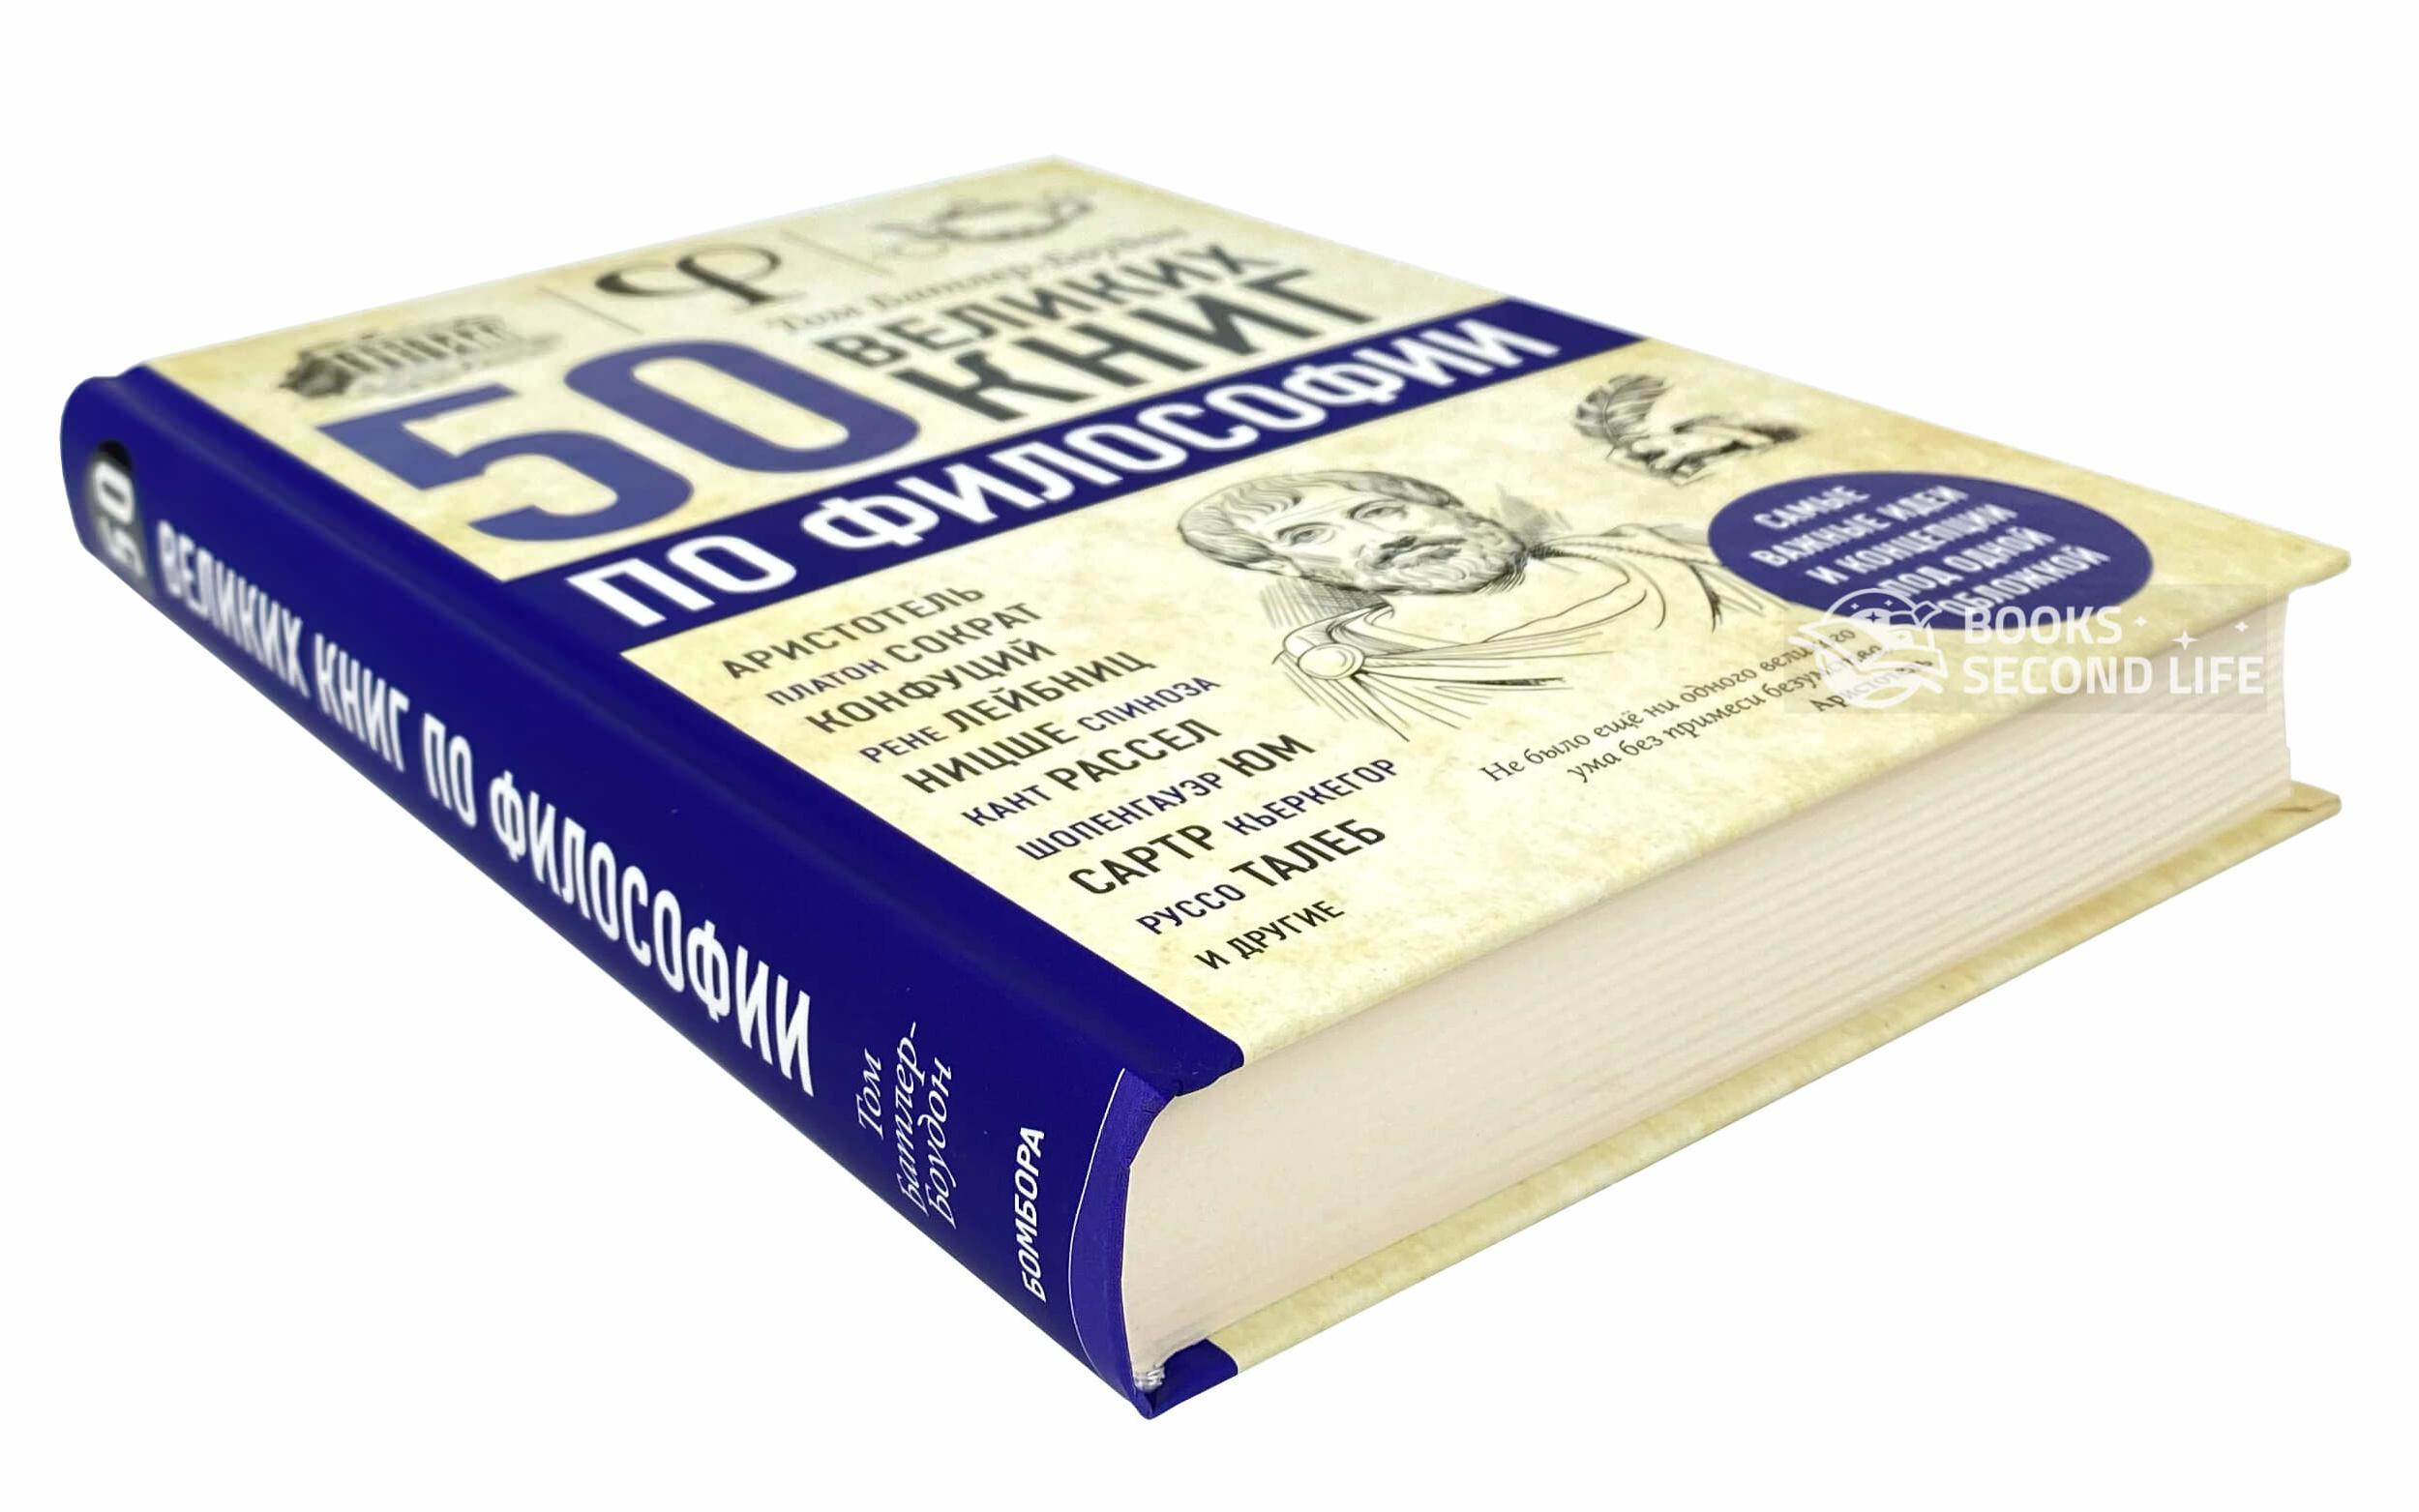 50 великих книг по философии. Автор — Том Батлер-Боудон. Переплет —